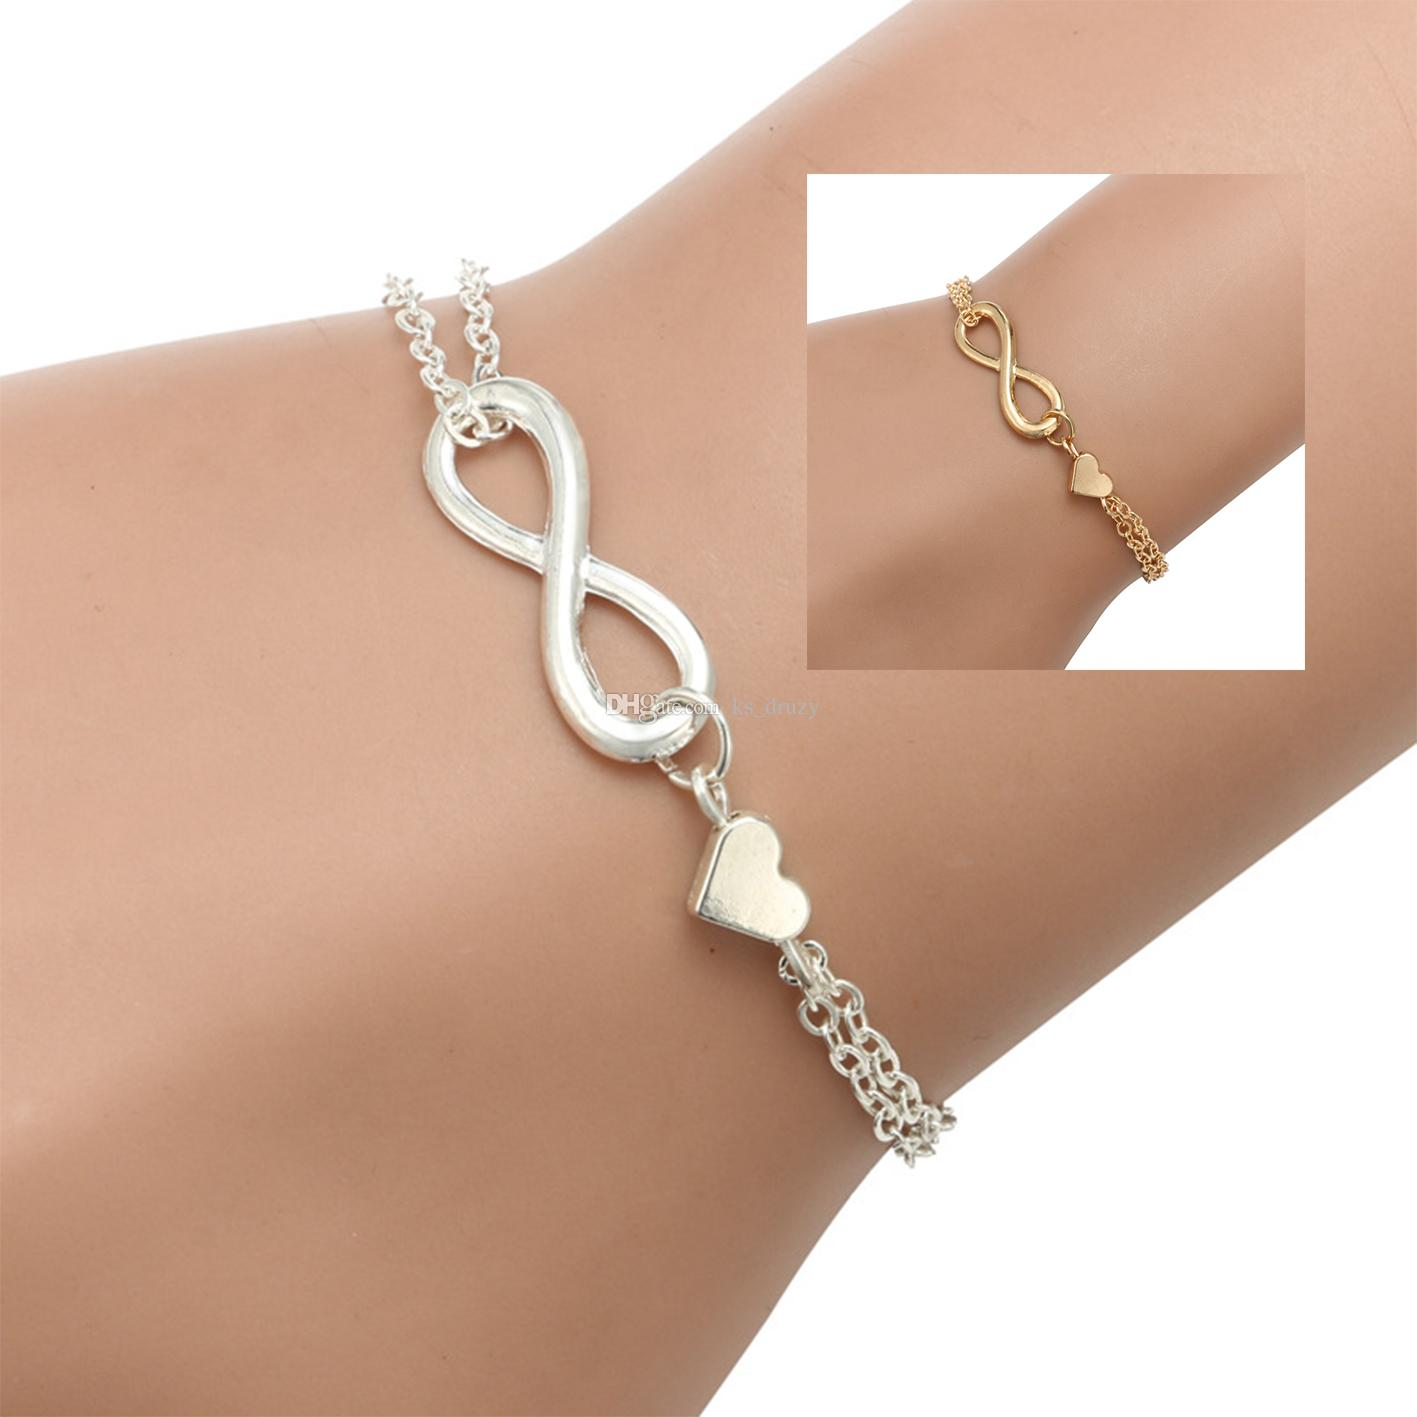 f18f2d0e Moda de plata chapado en oro infinito encantos pulseras para mujeres amante  del corazón joyería barata fiesta buen regalo